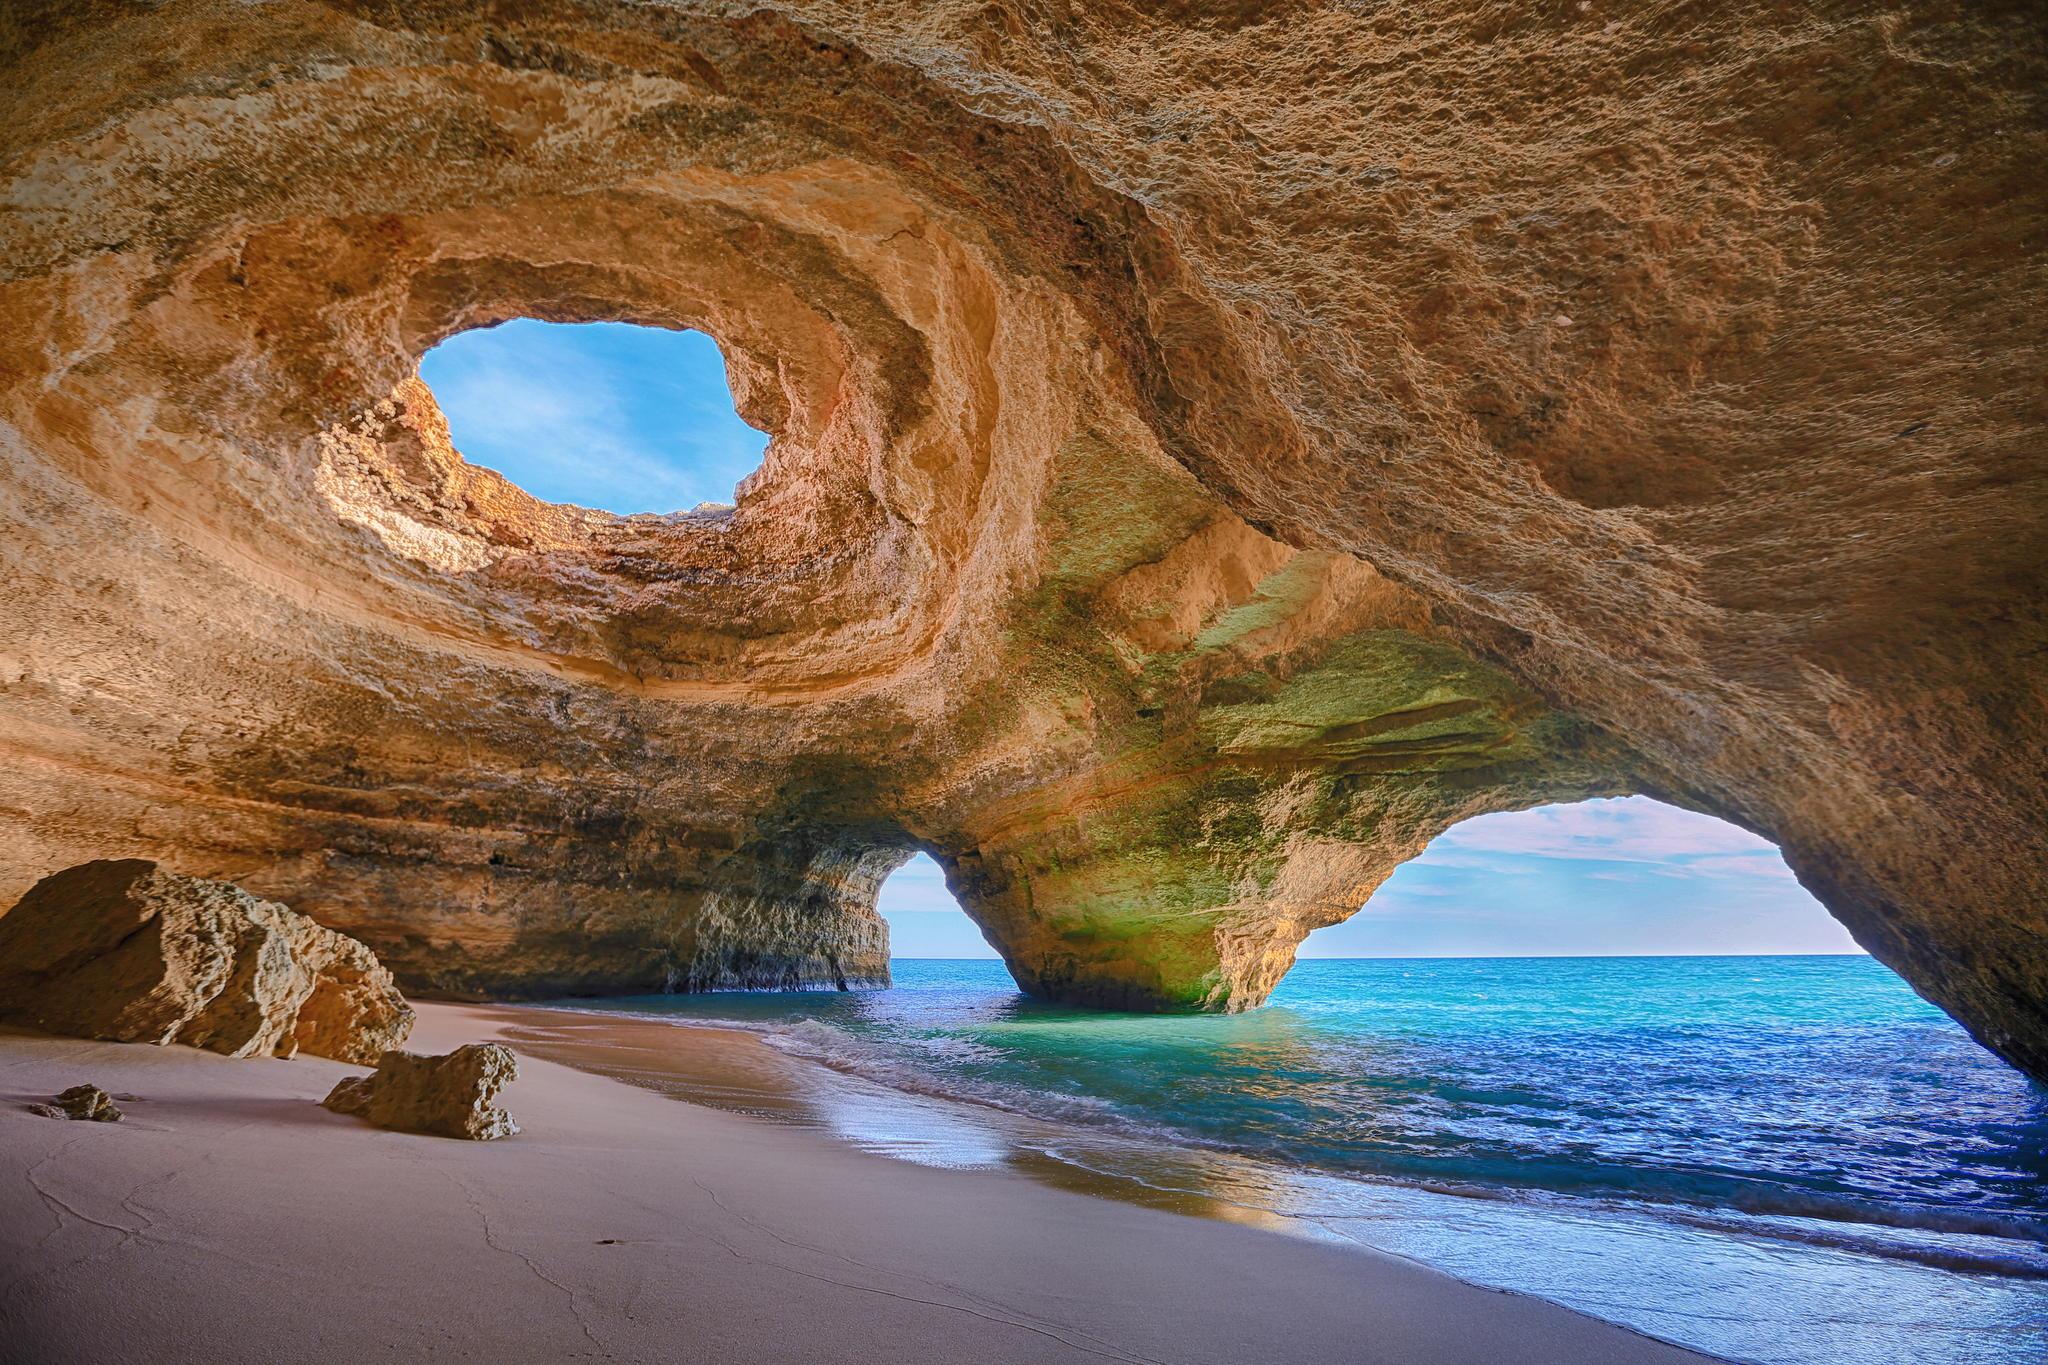 Пещера на участке берега Praia de Benagil